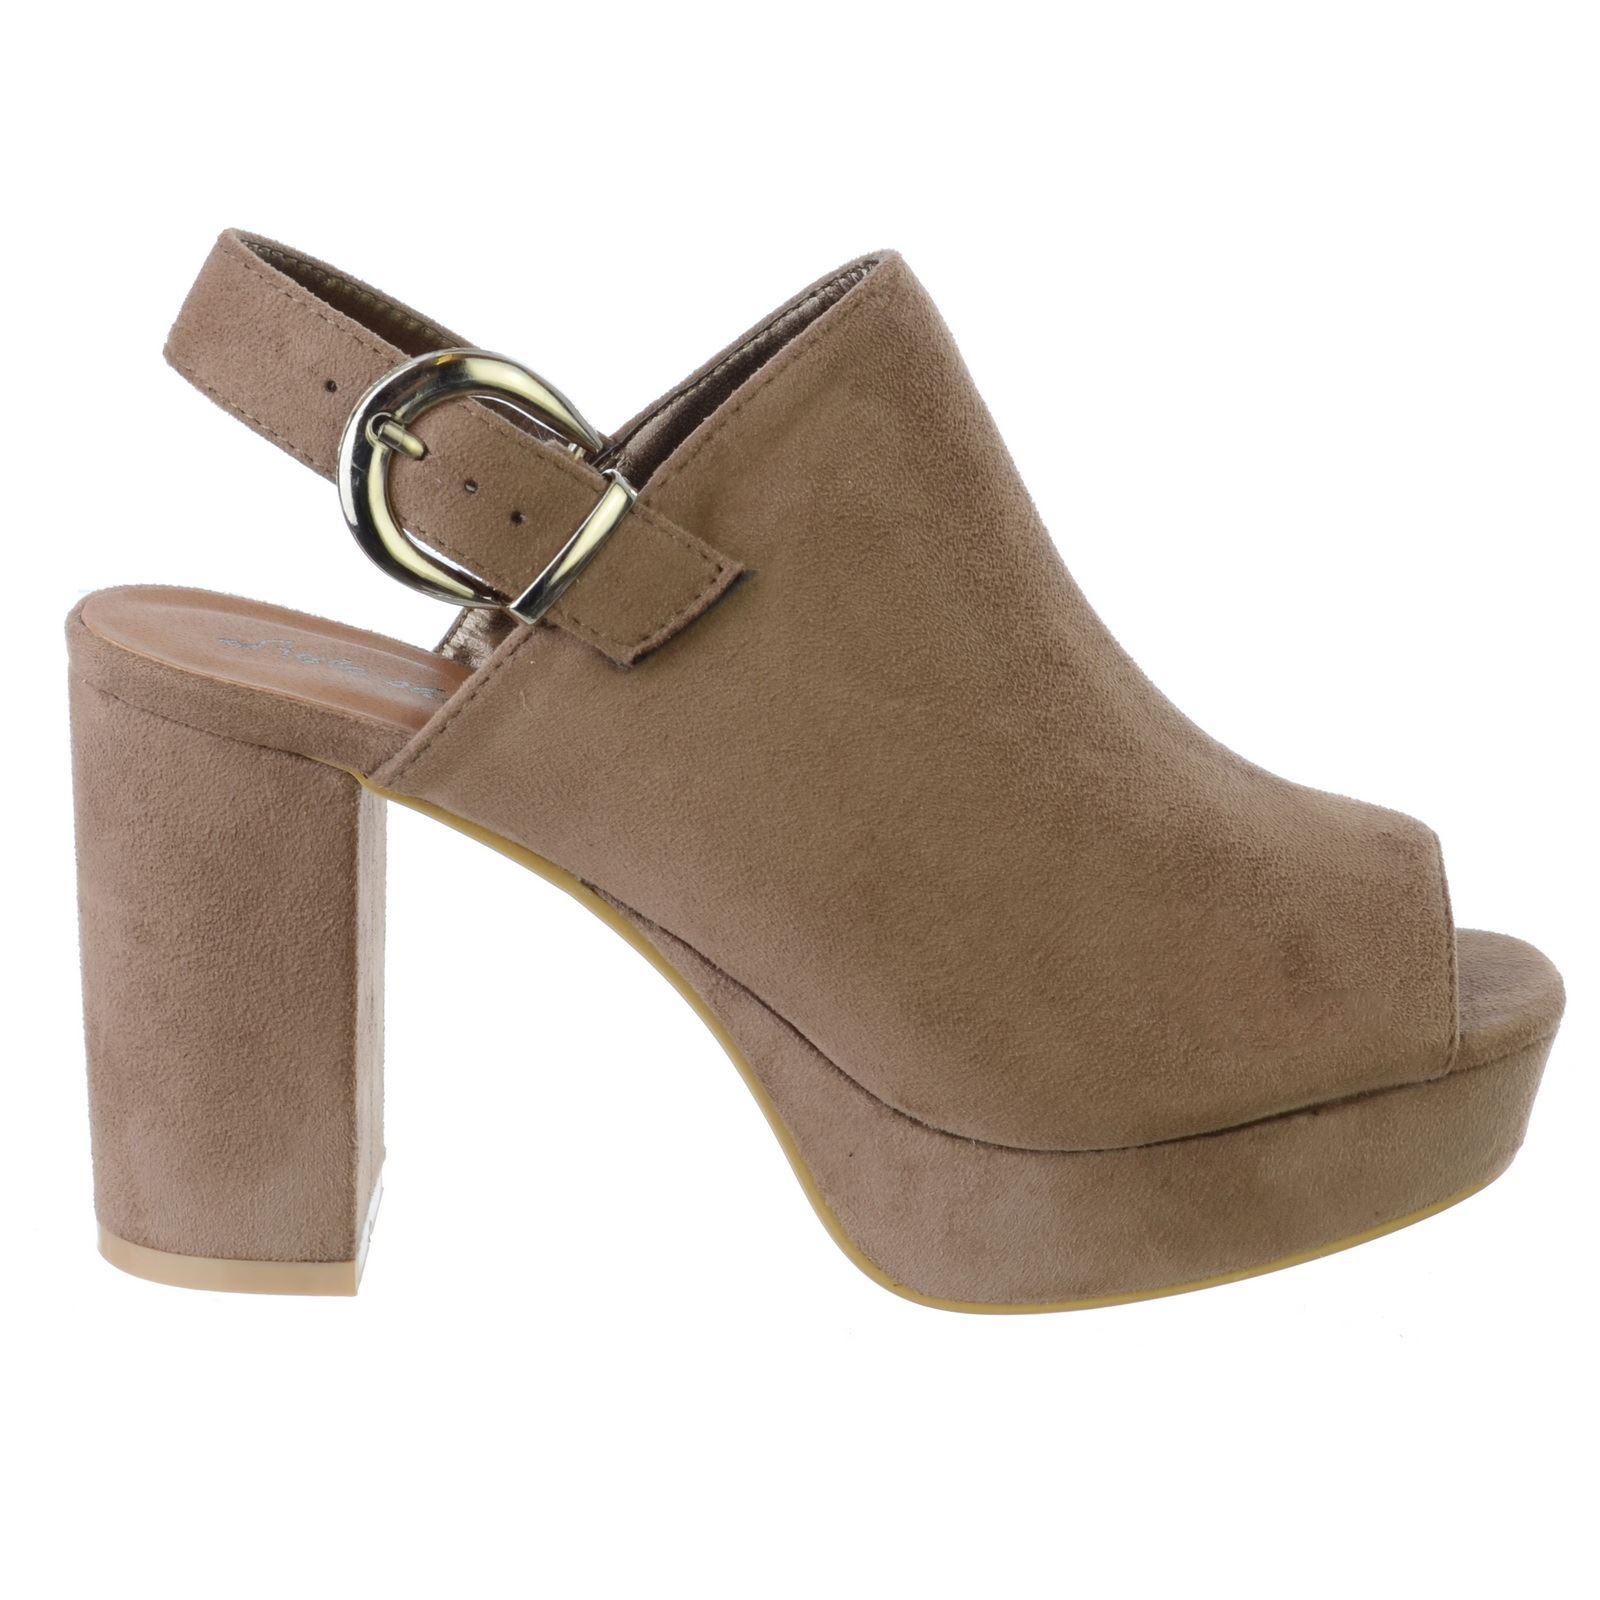 Damen hoch Blockabsatz Knöchelriemen Plateau Riemchensandalen Schuh Größe